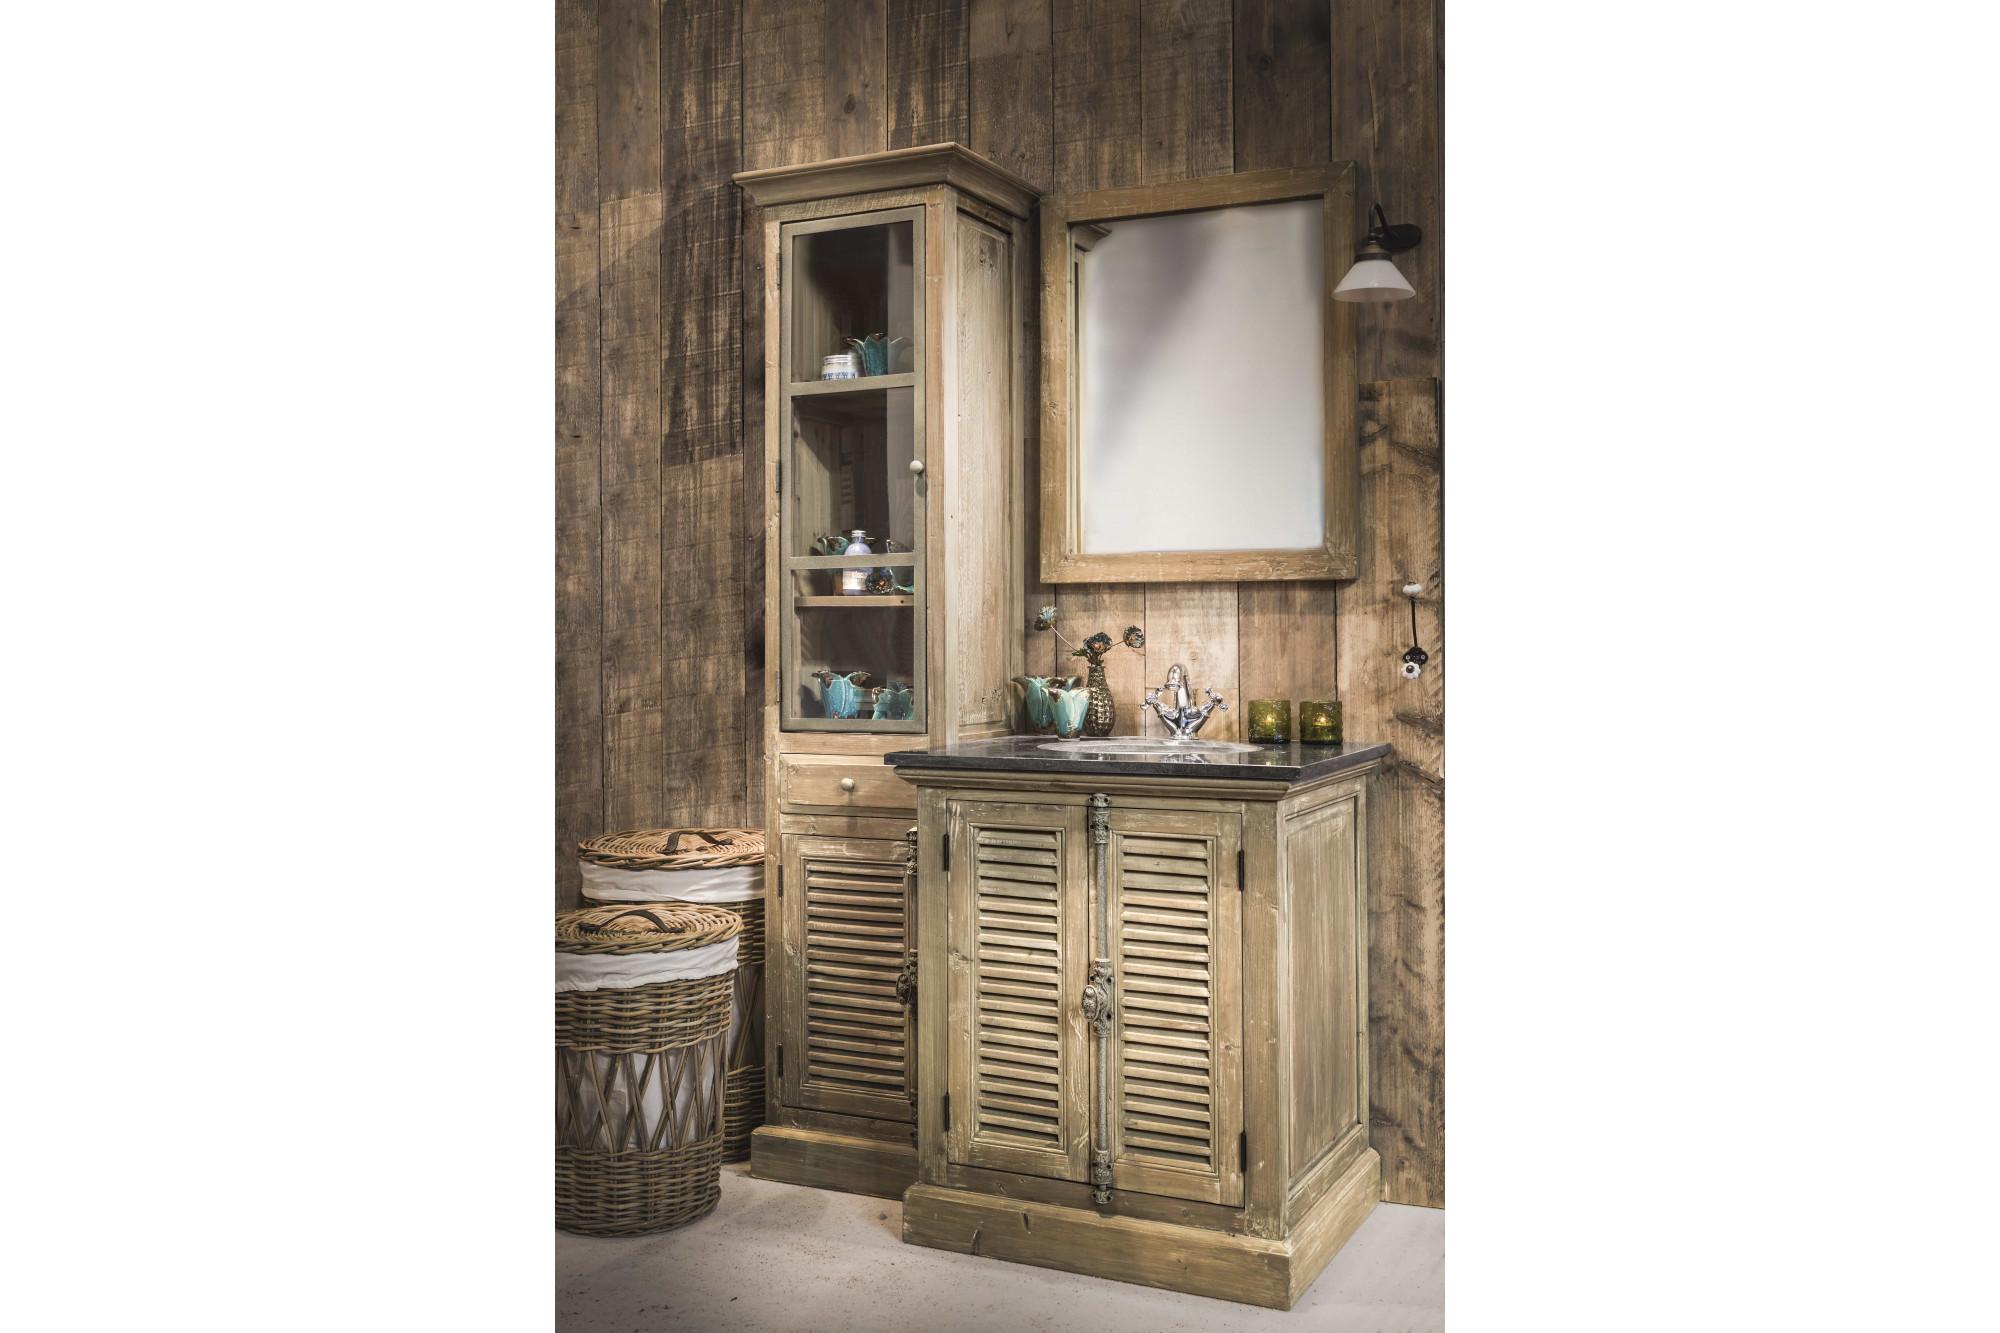 Meuble de salle de bain en bois aux portes persiennes - Meuble de salle de bain bois exotique ...